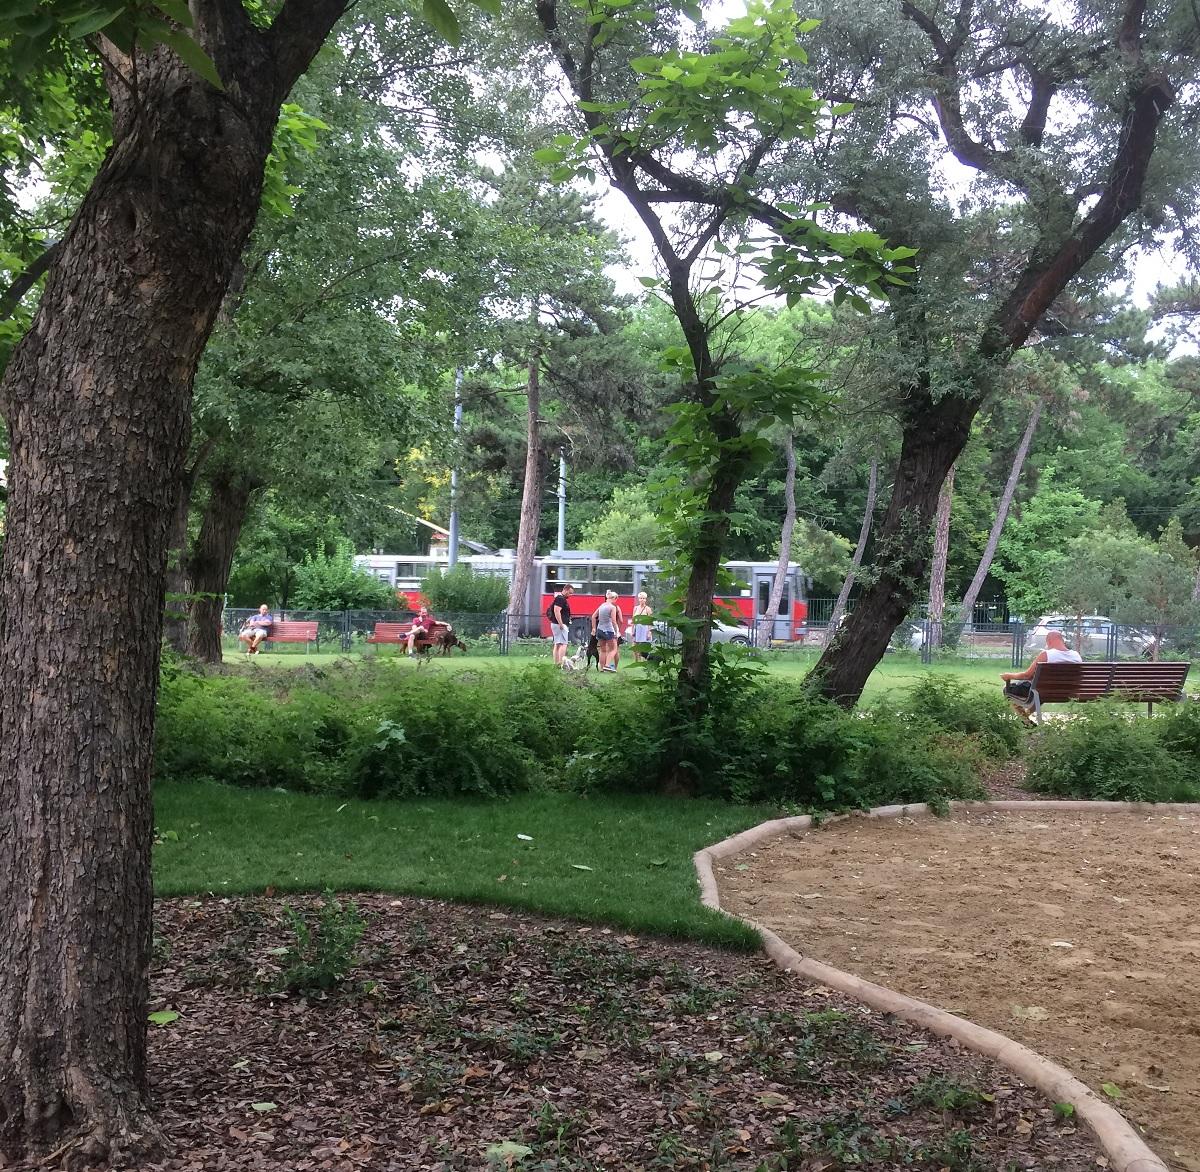 Ha ezt a szép parkot is tönkreteszik a kutyások, azt kire fogják kenni...?